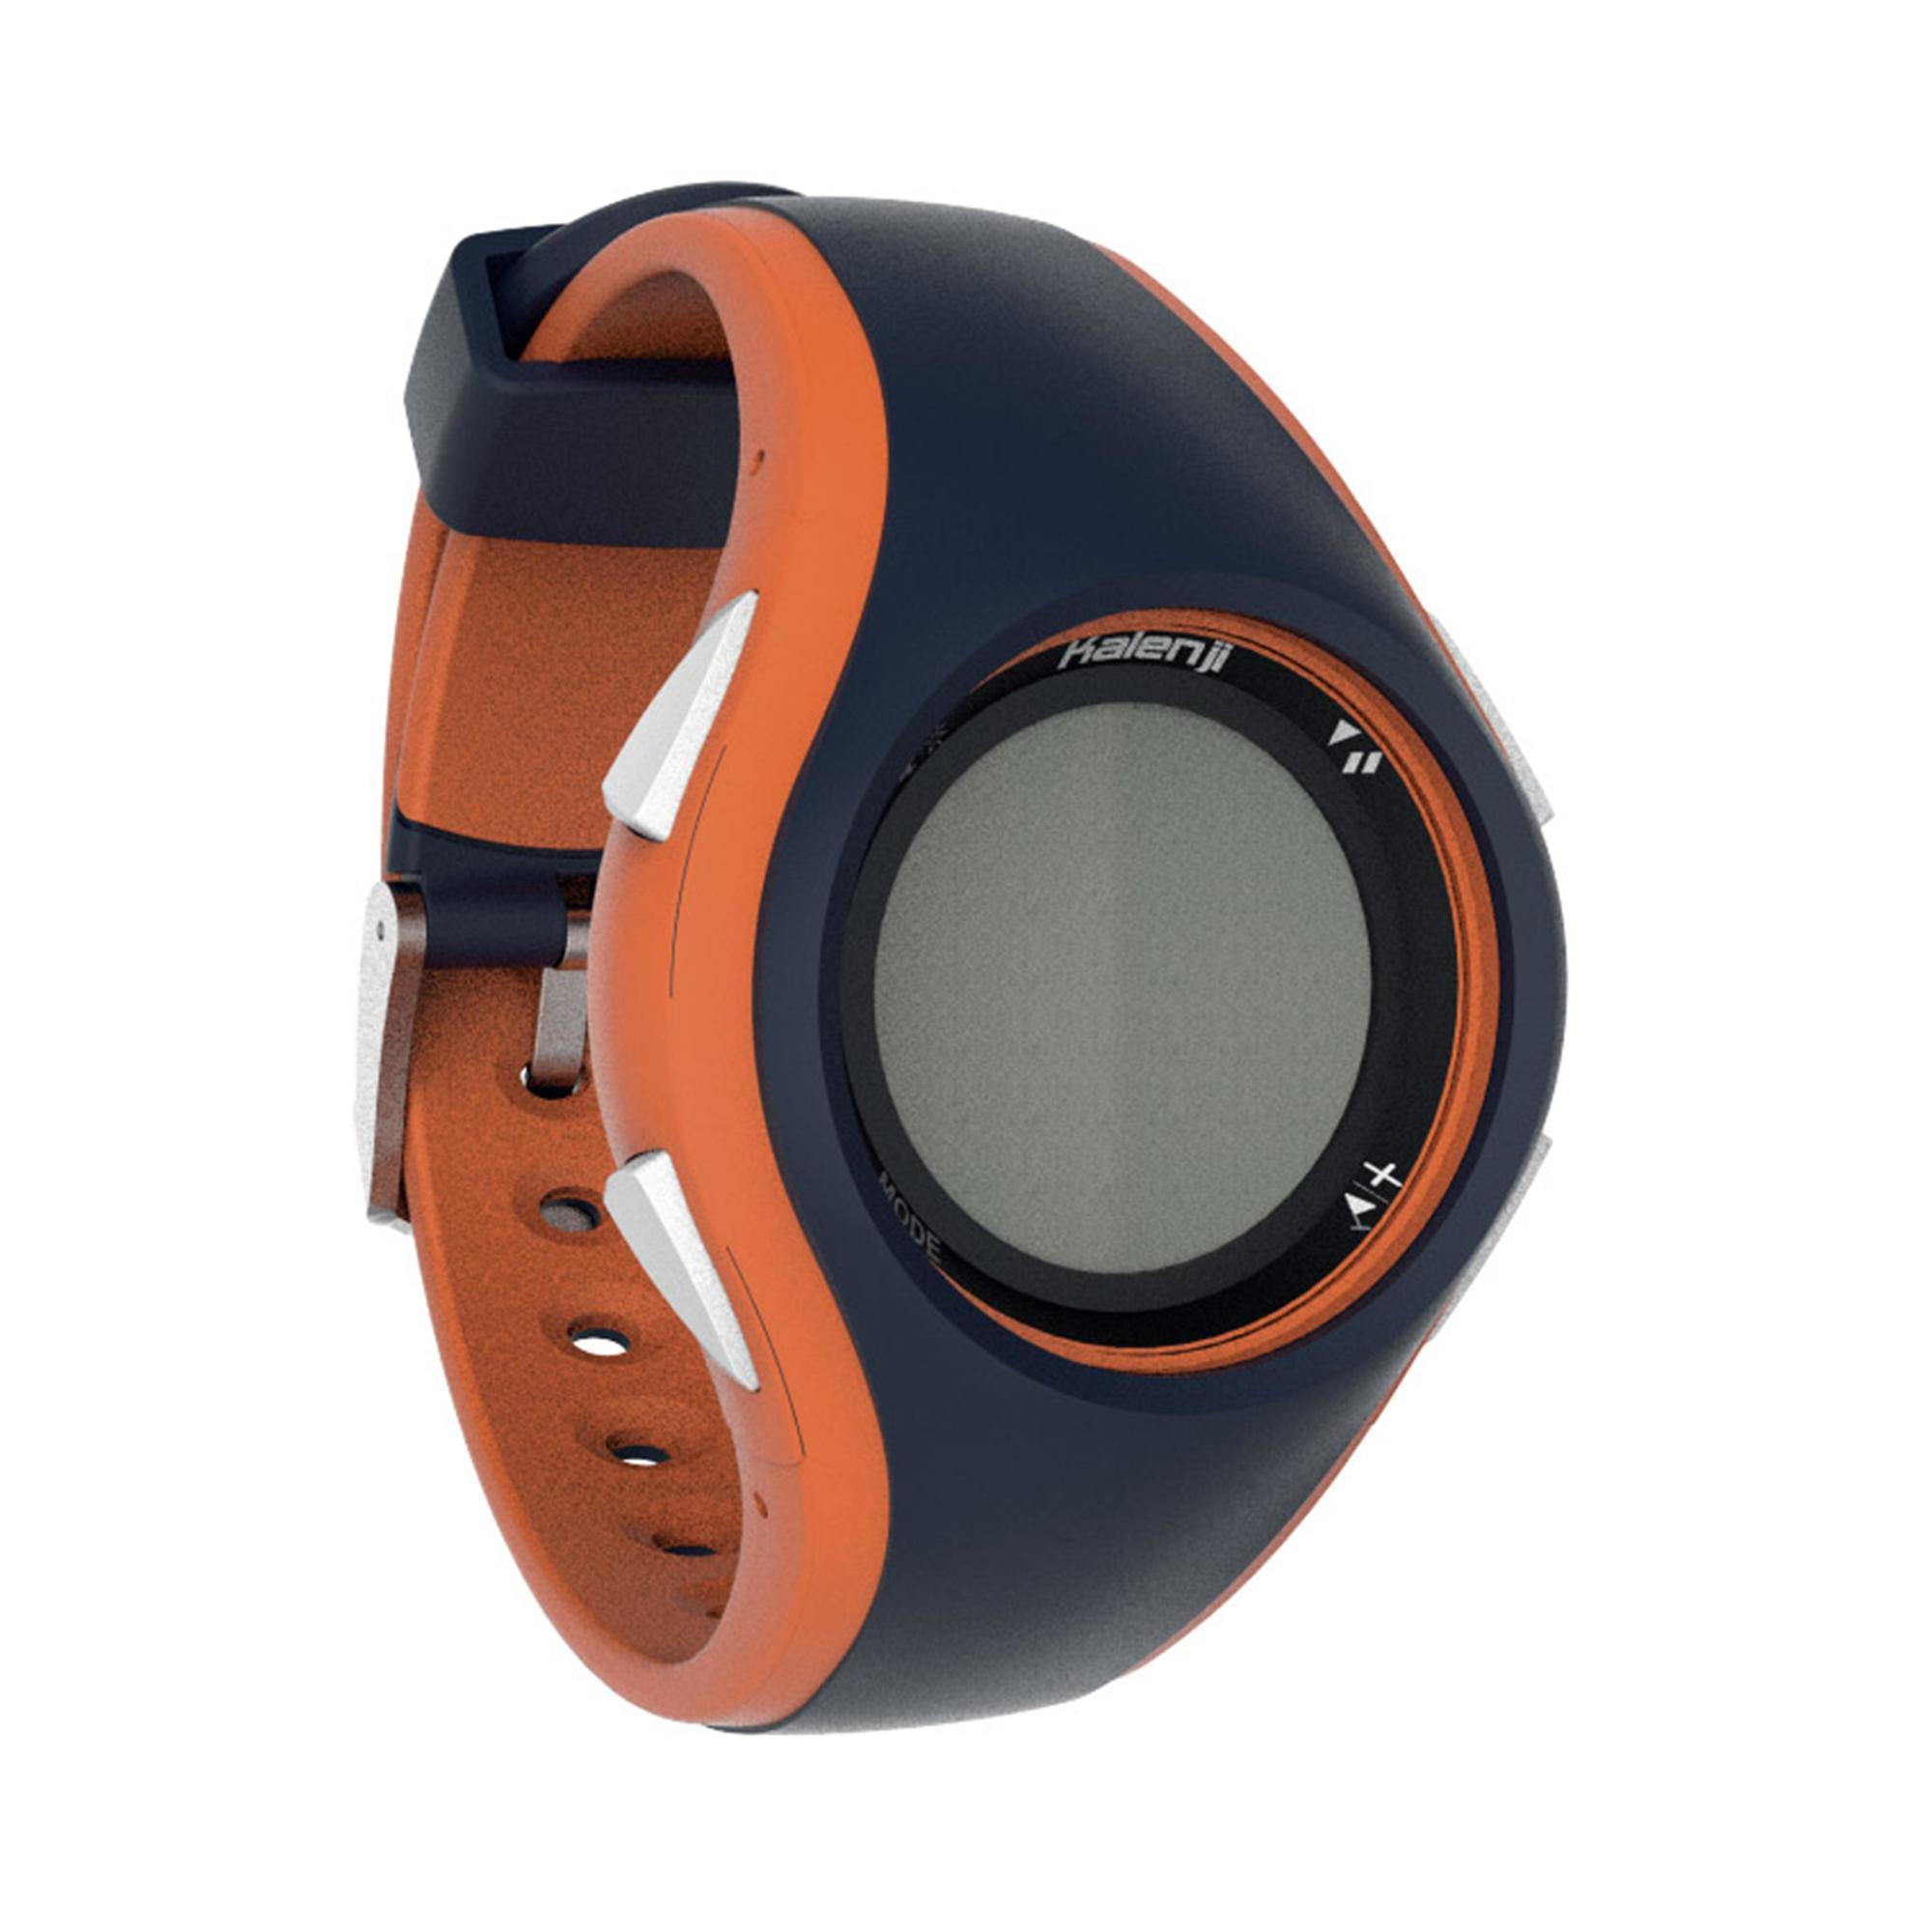 b6a356021ad Kalenji Hardloophorloge Met Stopwatch W200 M Blauw En Oranje kalenji kopen  in de aanbieding